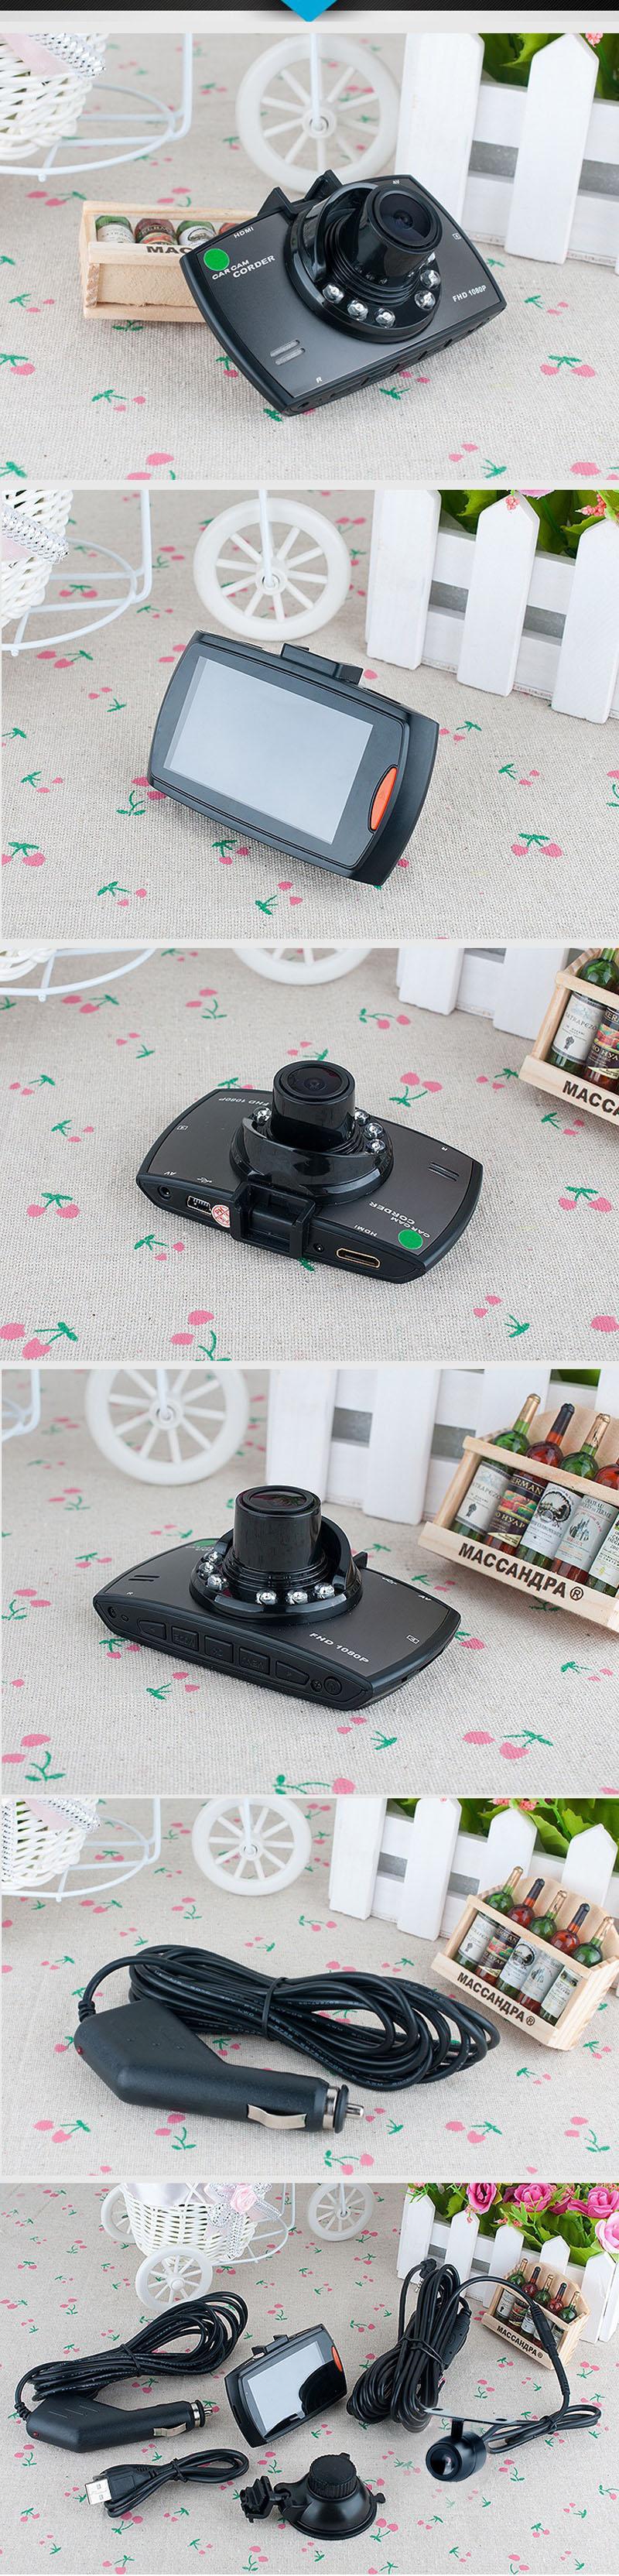 QUIDUX Dual lens G30 Car DVR Camera HD 1080P Video Recorder DVRs Night Vision Auto Dash cam Veicular Kamera two cameras Logger 17